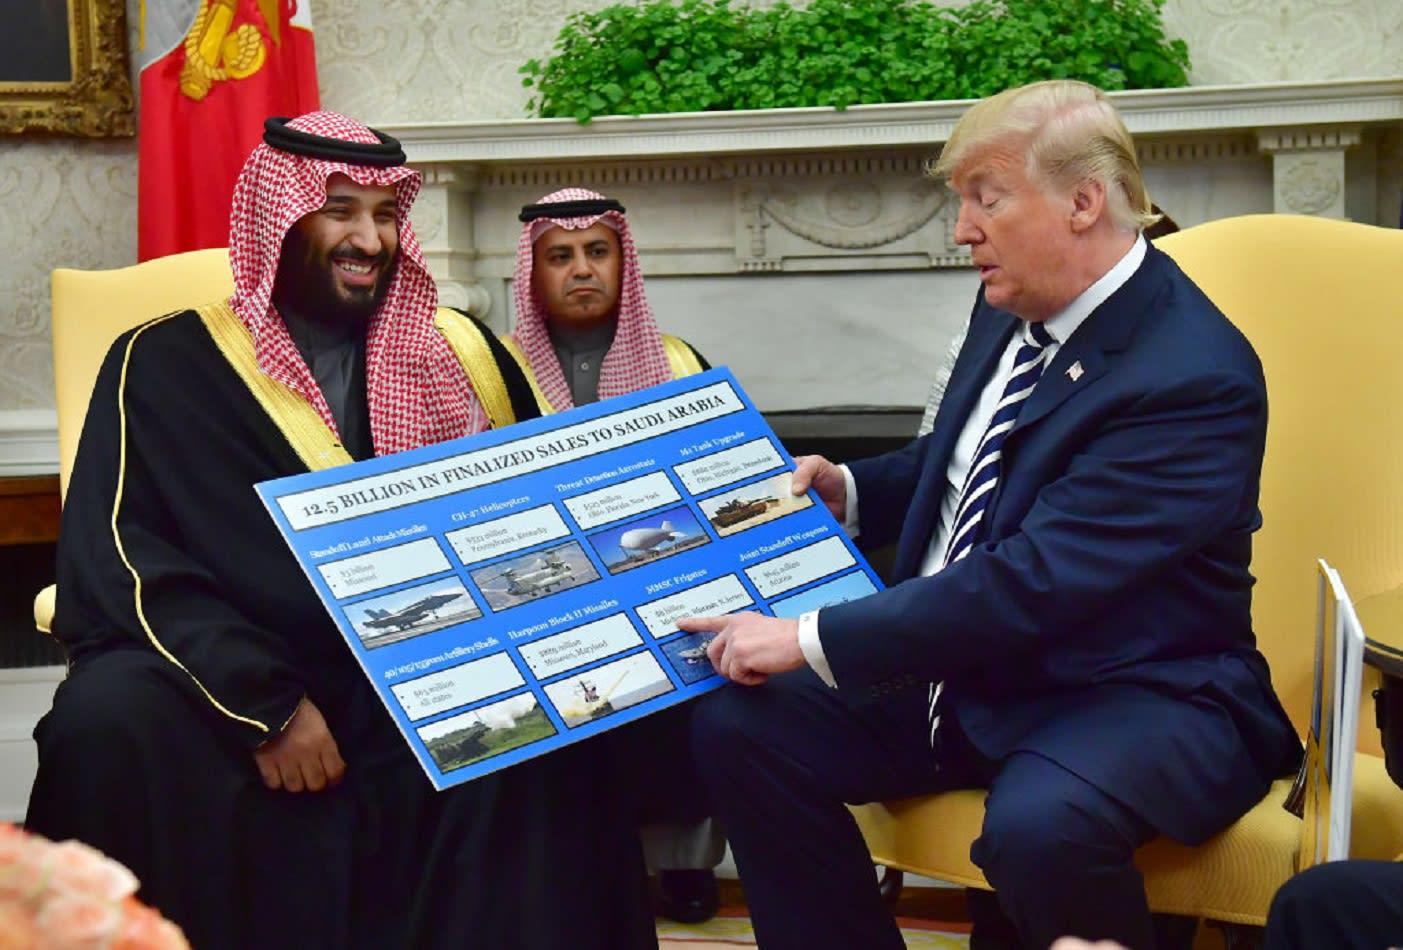 محمد بن سلمان: أحب العمل مع ترامب.. ونشتري السلاح الأمريكي بأموالنا